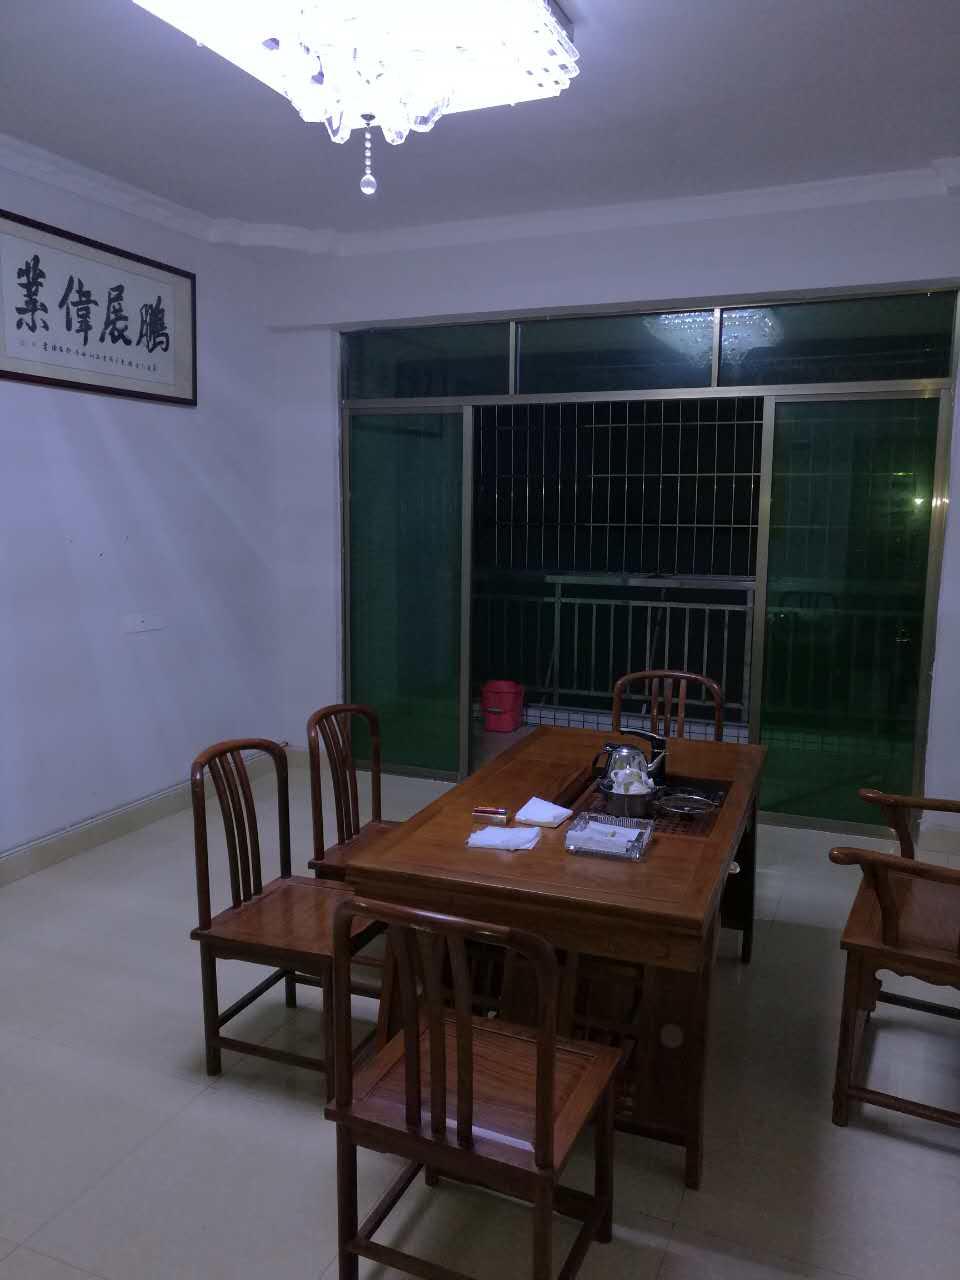 深圳公明楼村小产权三房110平米58万,户型方正实用 跳蚤市场 个人房源 深圳 三房二厅 第8张